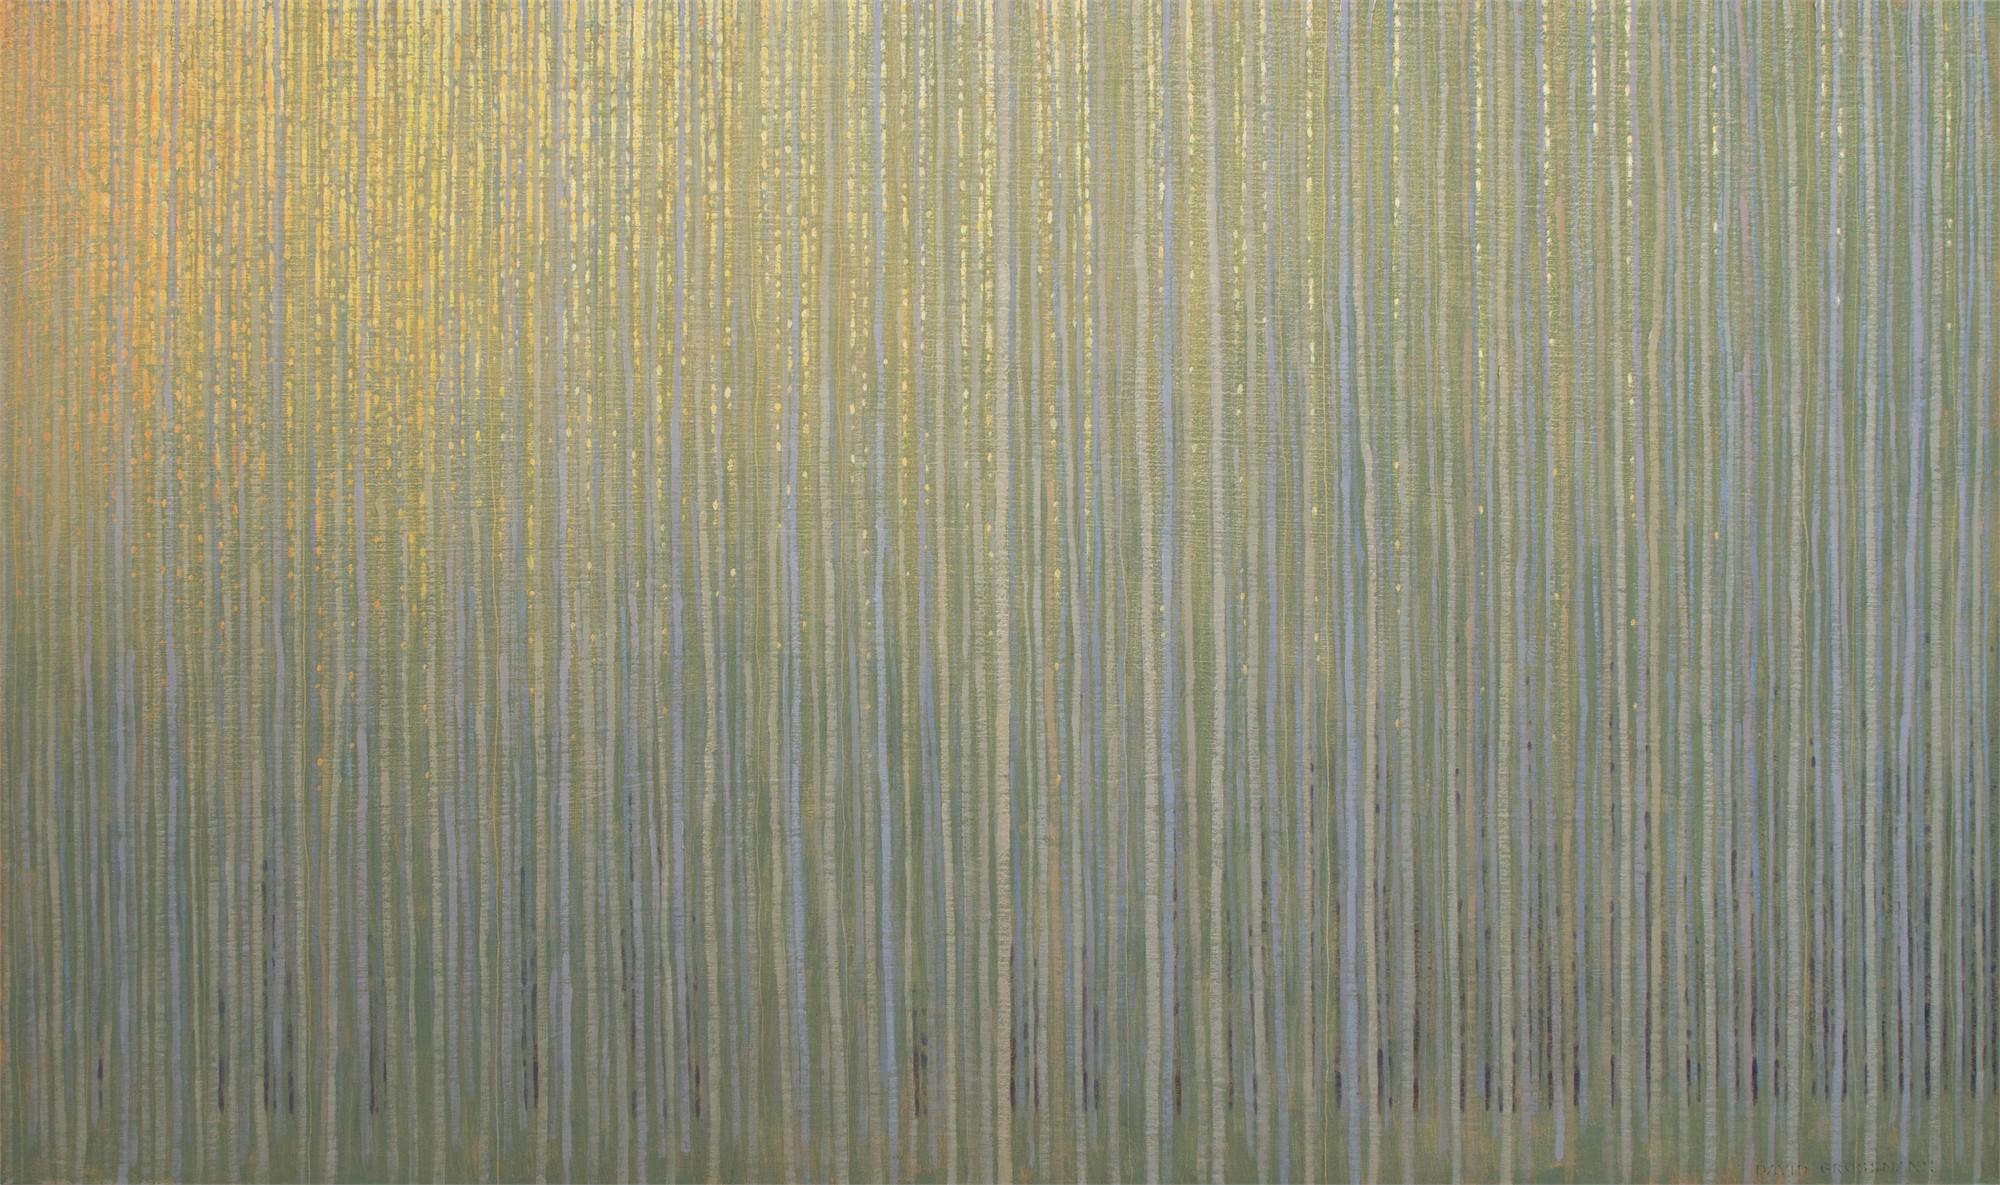 Summer Forest Dusk by David Grossmann